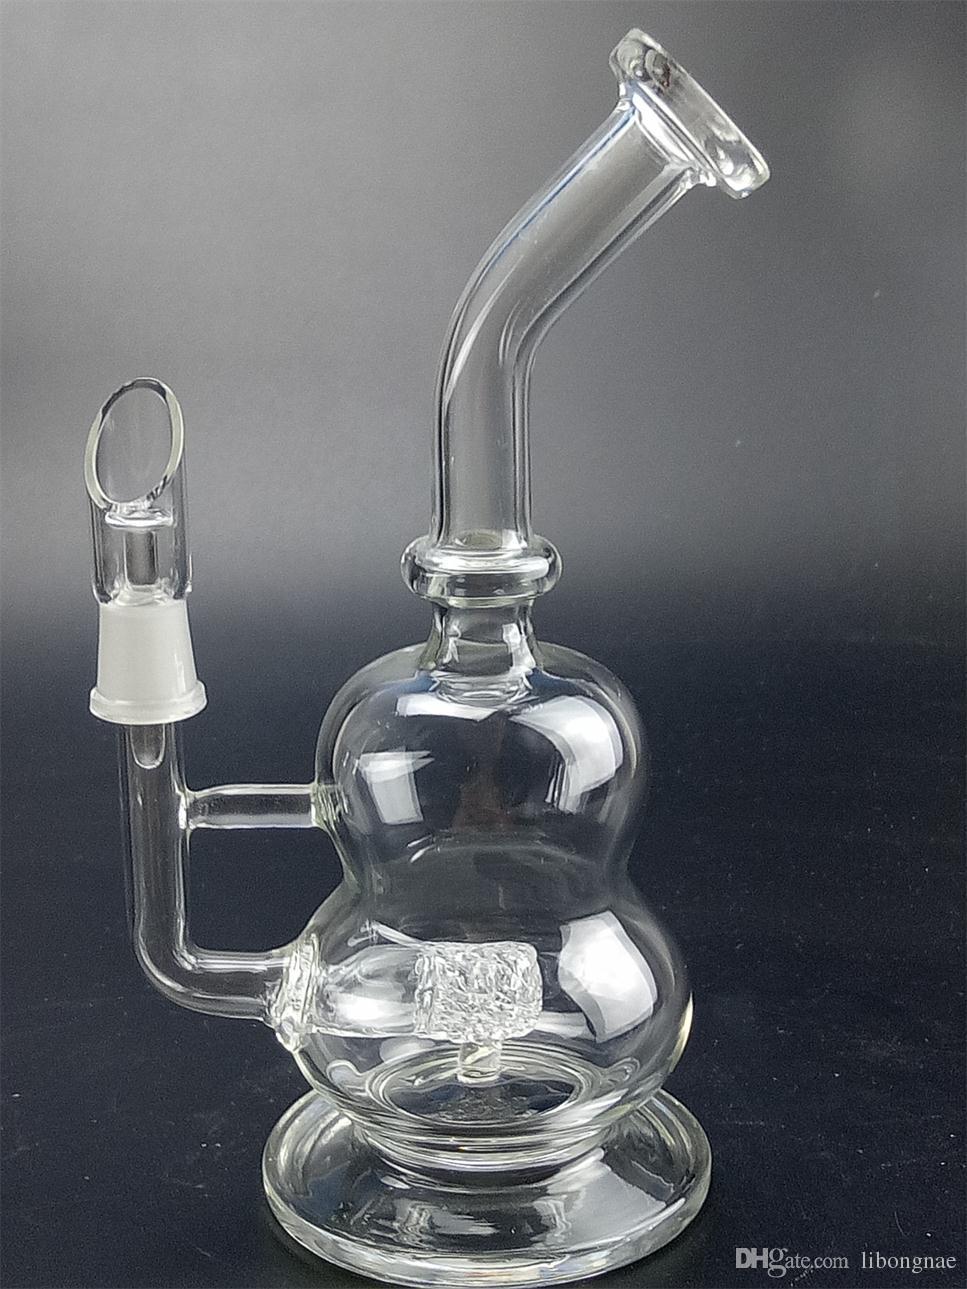 großhandel 23 cm hohe qualität glas kunst glas bong Öl rig tupfte